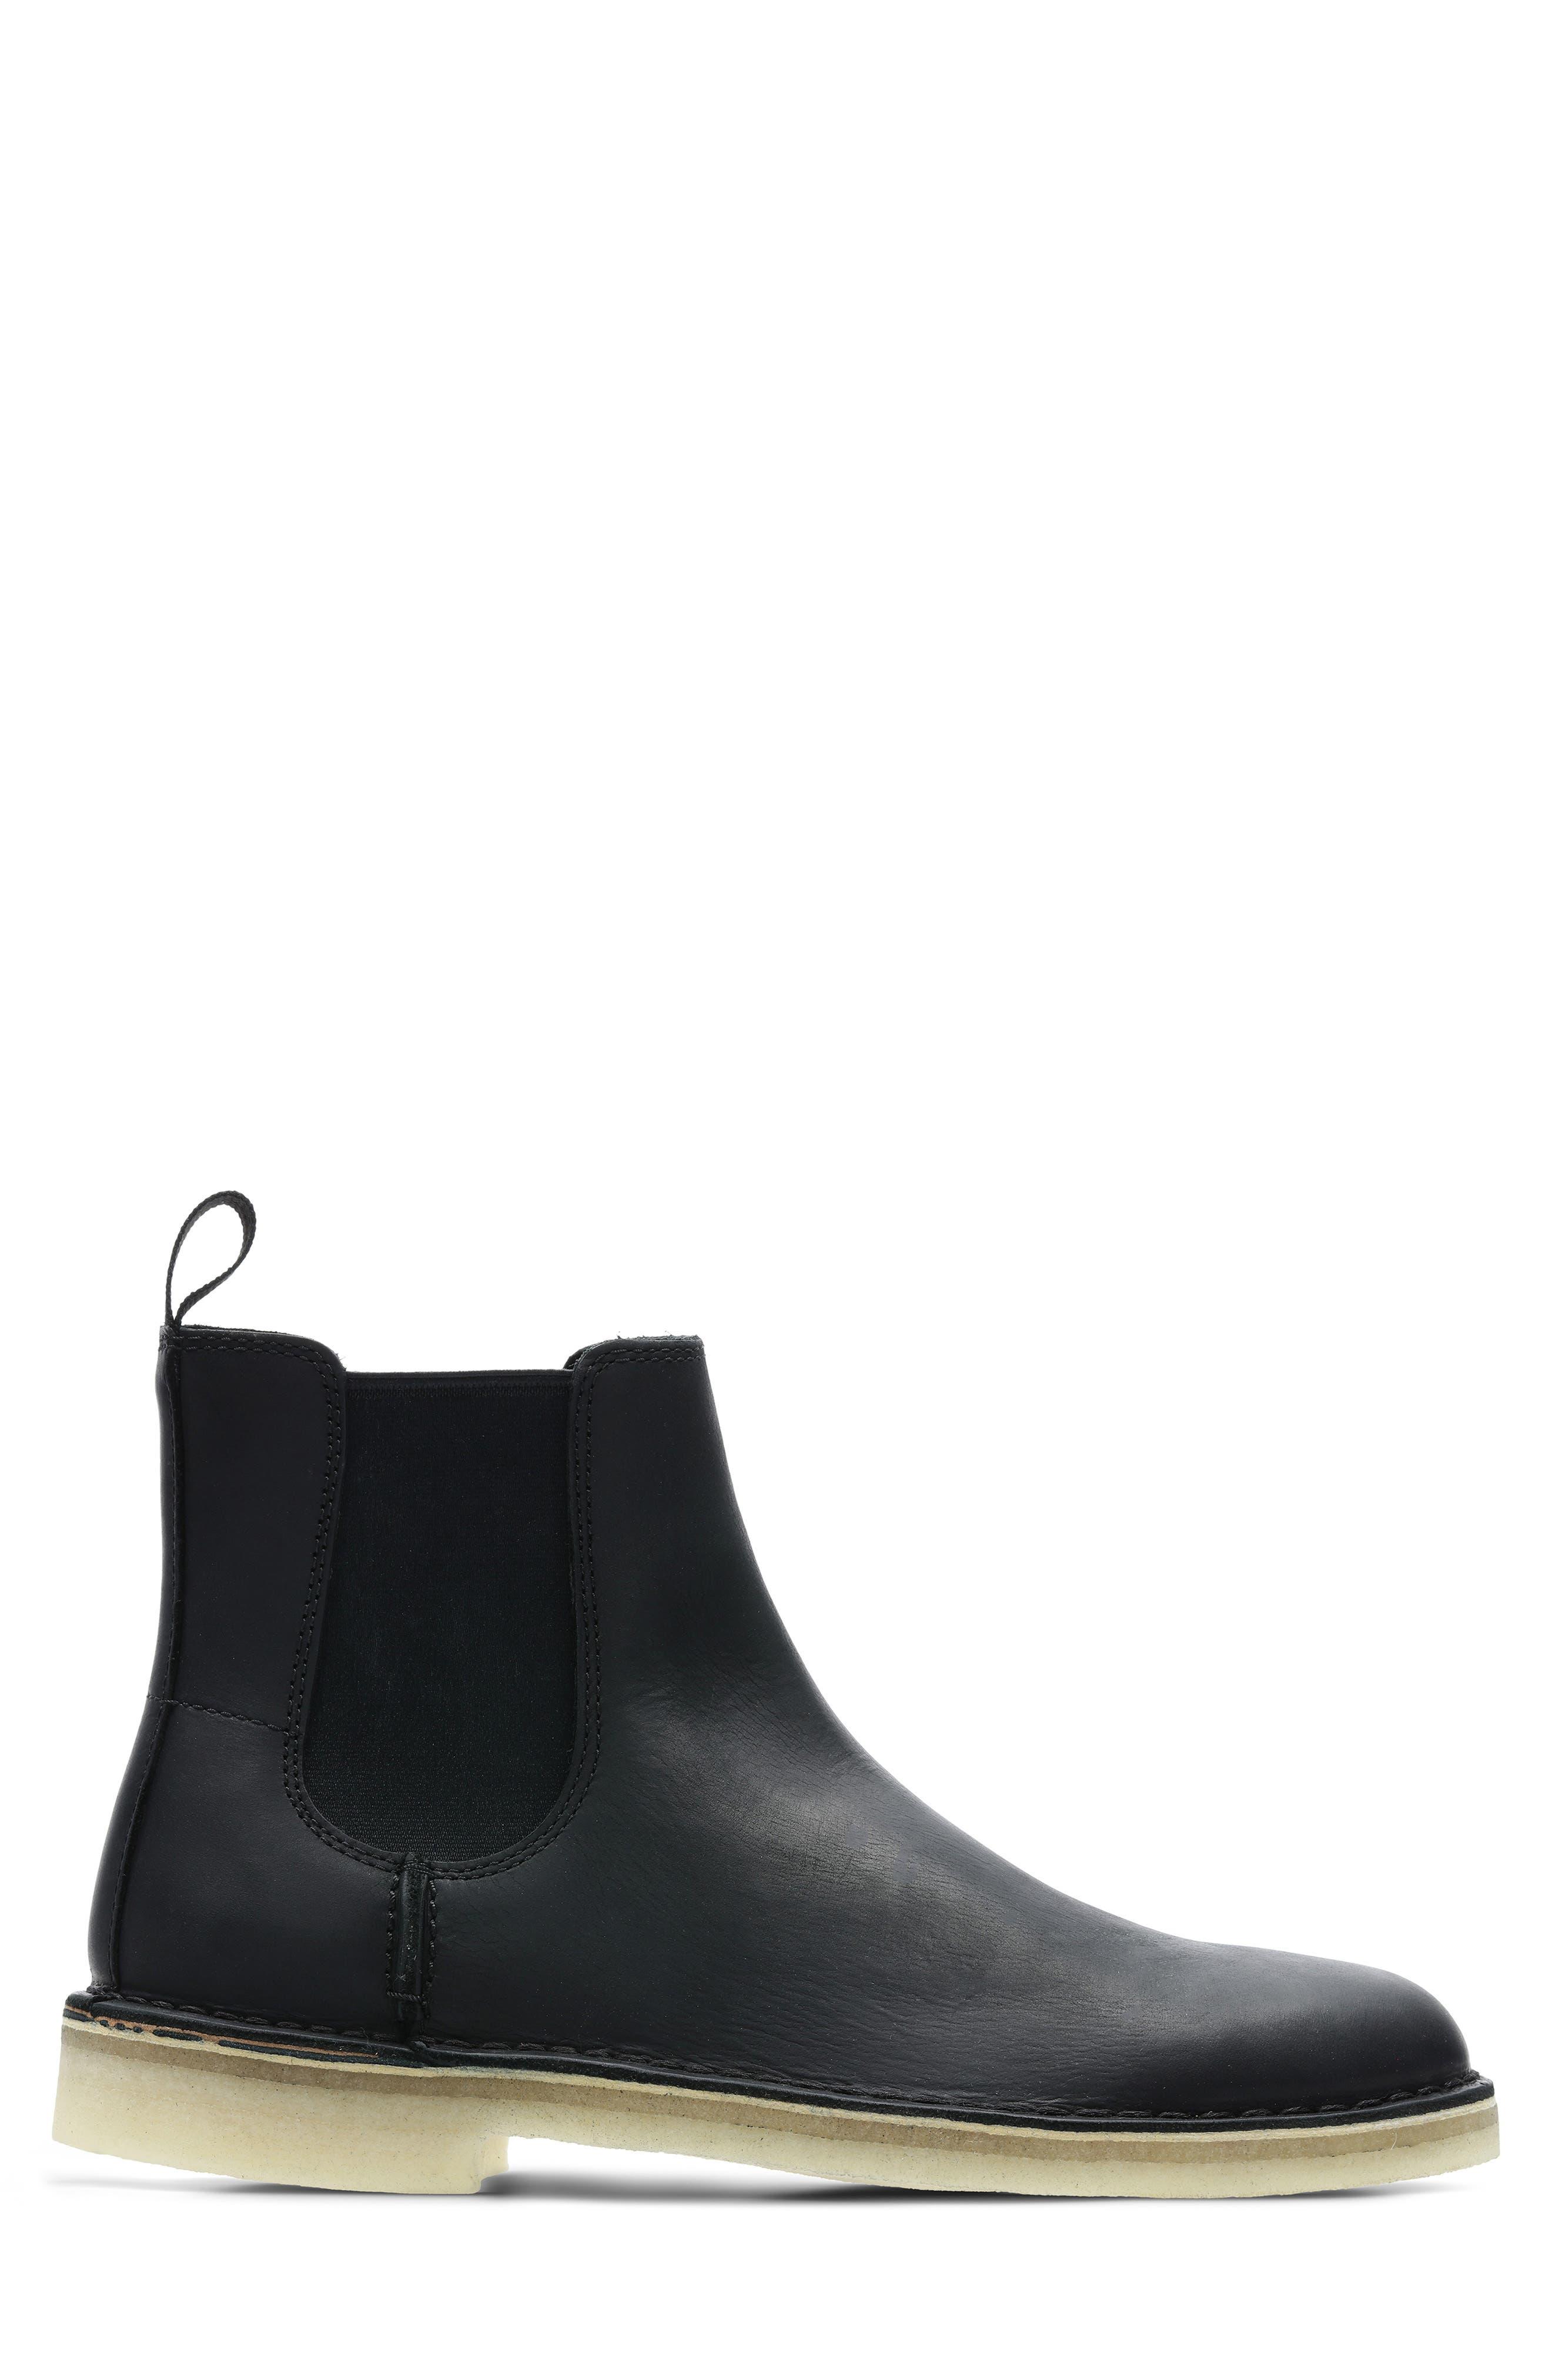 Desert Peak Chelsea Boot,                             Alternate thumbnail 2, color,                             BLACK/BLACK LEATHER